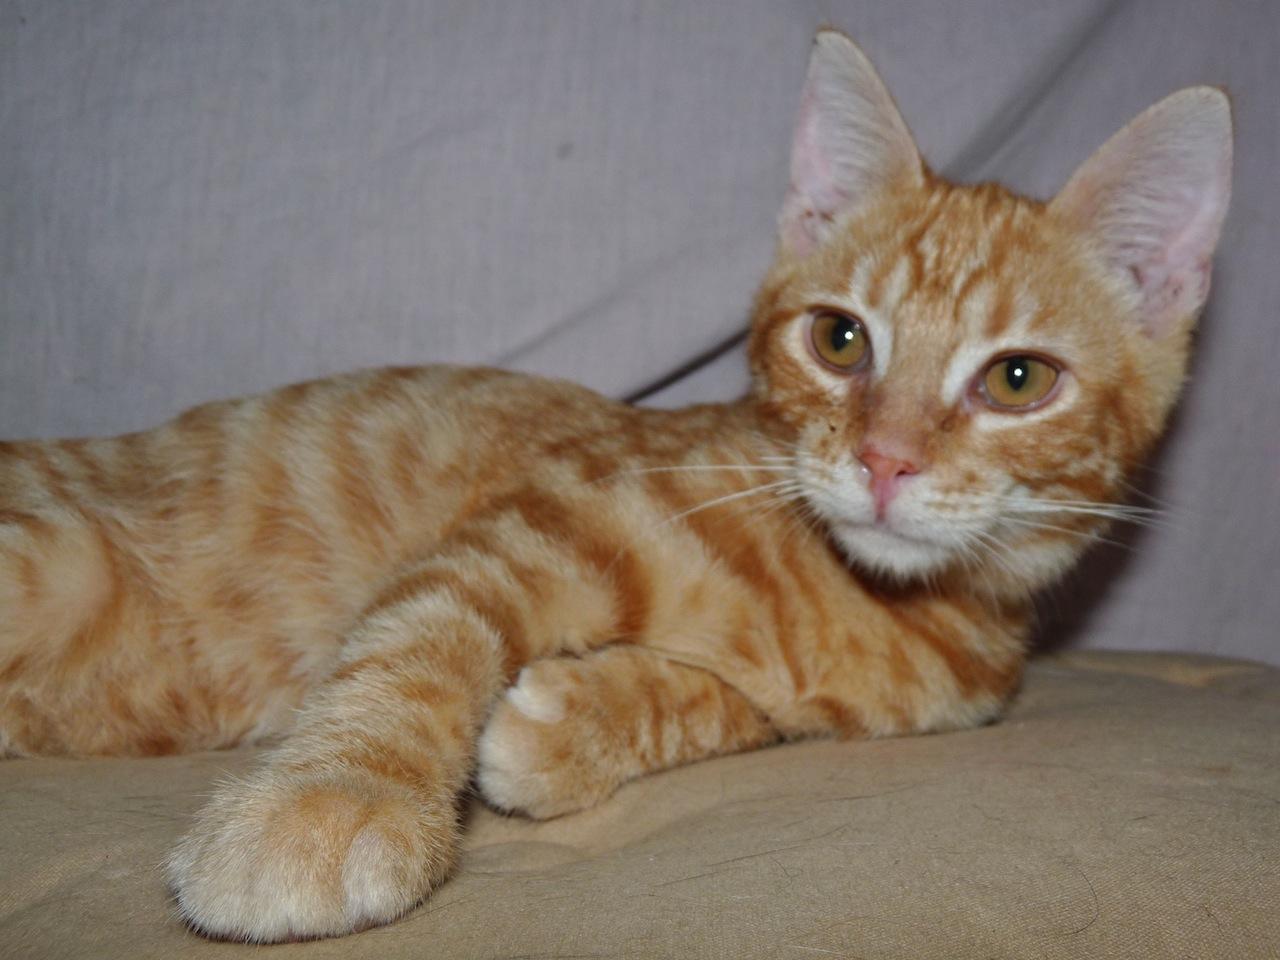 LIPTON - M - Né le 01/05/2015 - Adopté en nov 2015